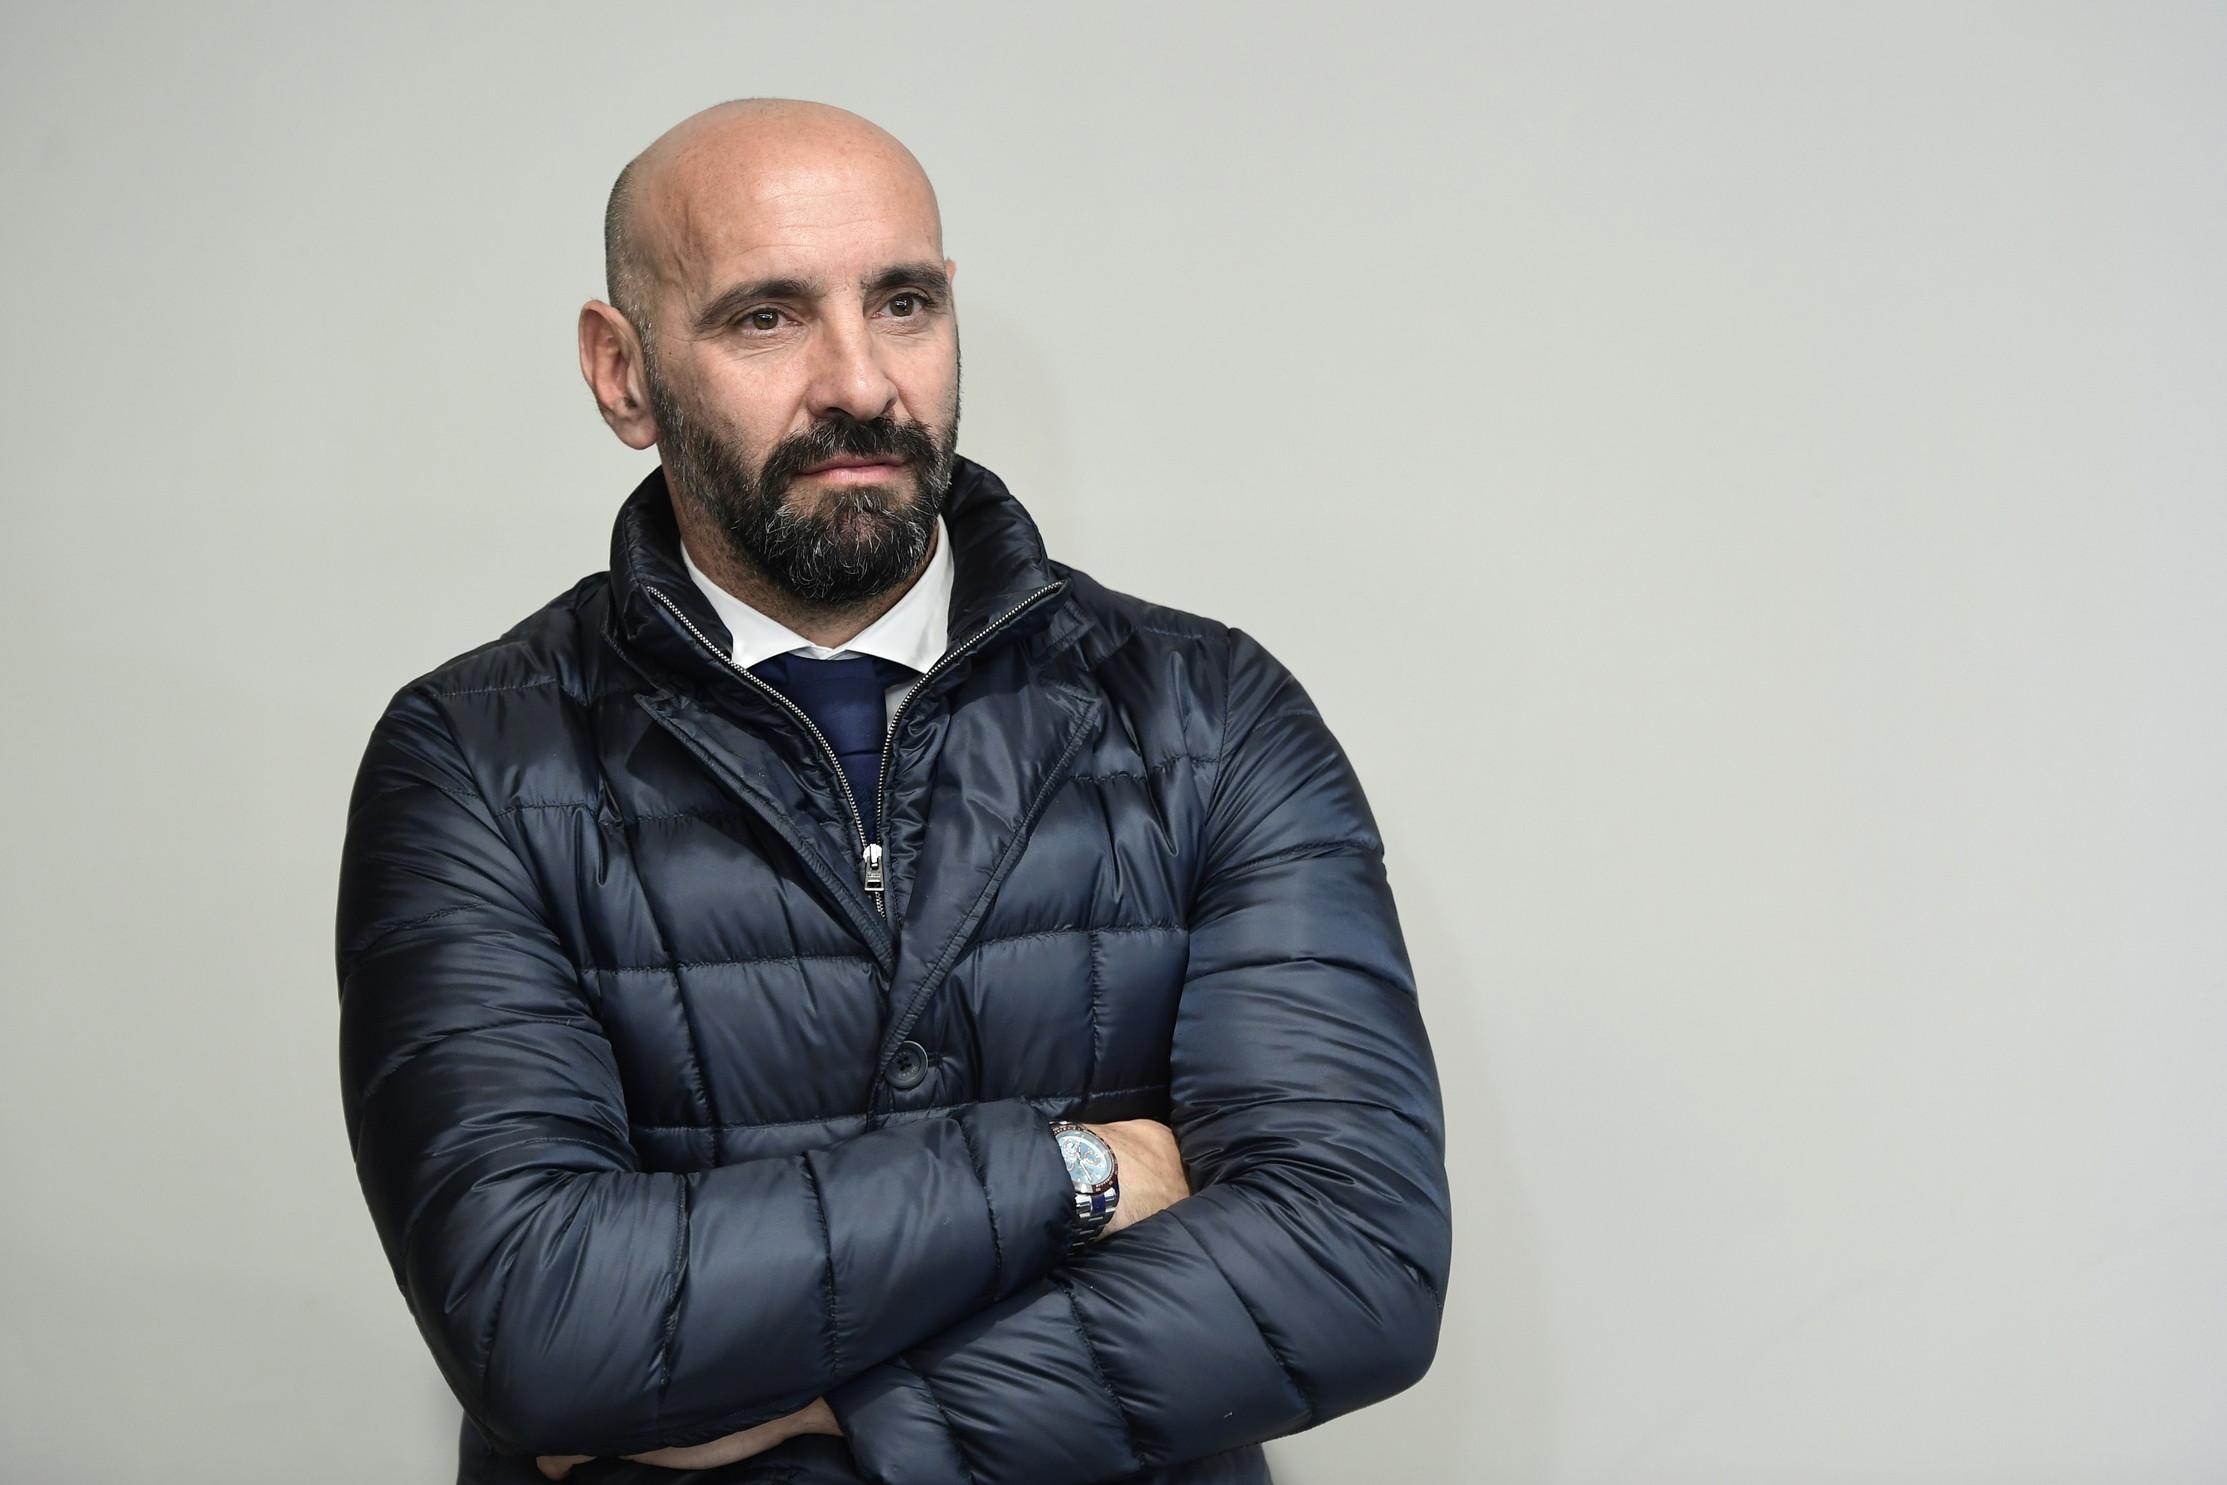 Negli ottavi di Europa League la Roma sfiderà il Siviglia dell'ex Monchi, che nella Capitale ha trascorso due anni caratterizzati dal alti e bassi: dalla semifinale Champions alle cessioni pesanti che hanno incendiato la piazza. Due anni e 20 giocatori, ecco tutti gli uomini che lo spagnolo ha portato a Roma...